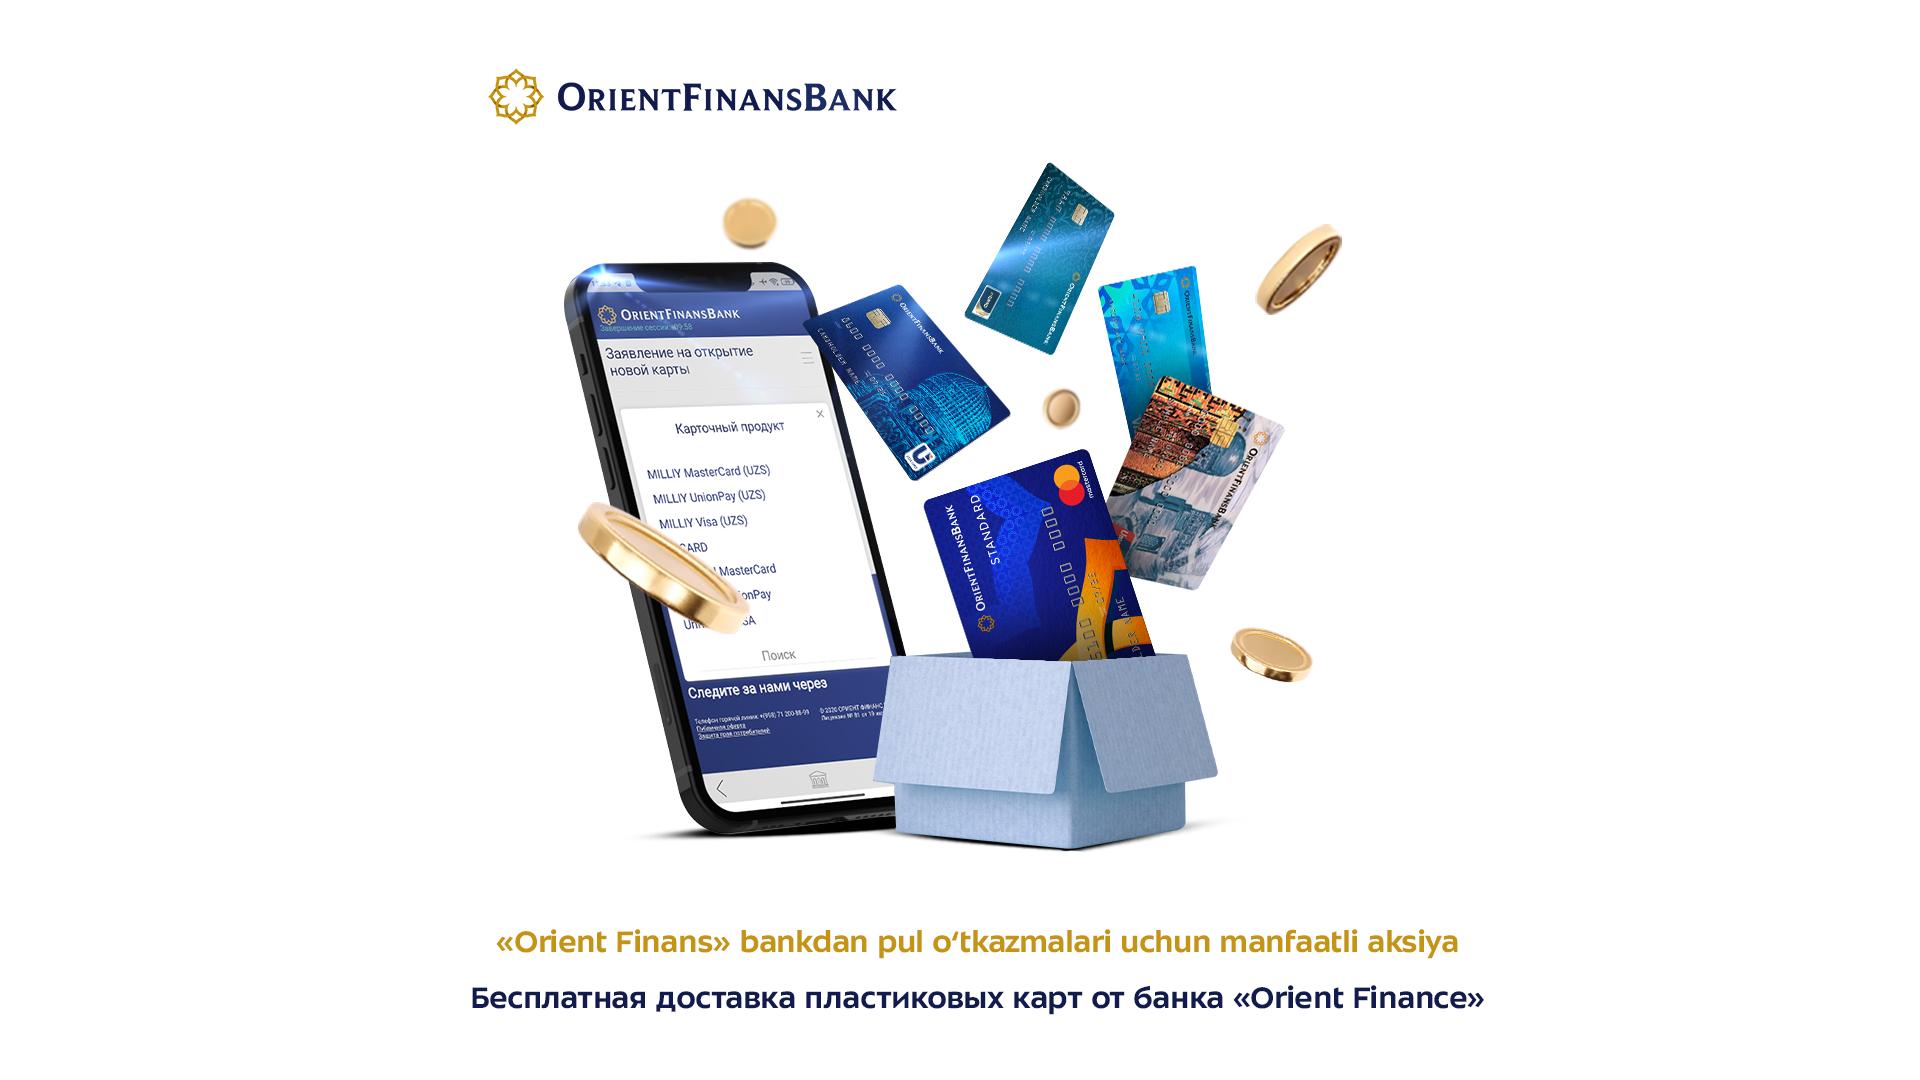 Банк «Ориент Финанс» предоставляет возможность заказывать пластиковые карты не выходя из дома